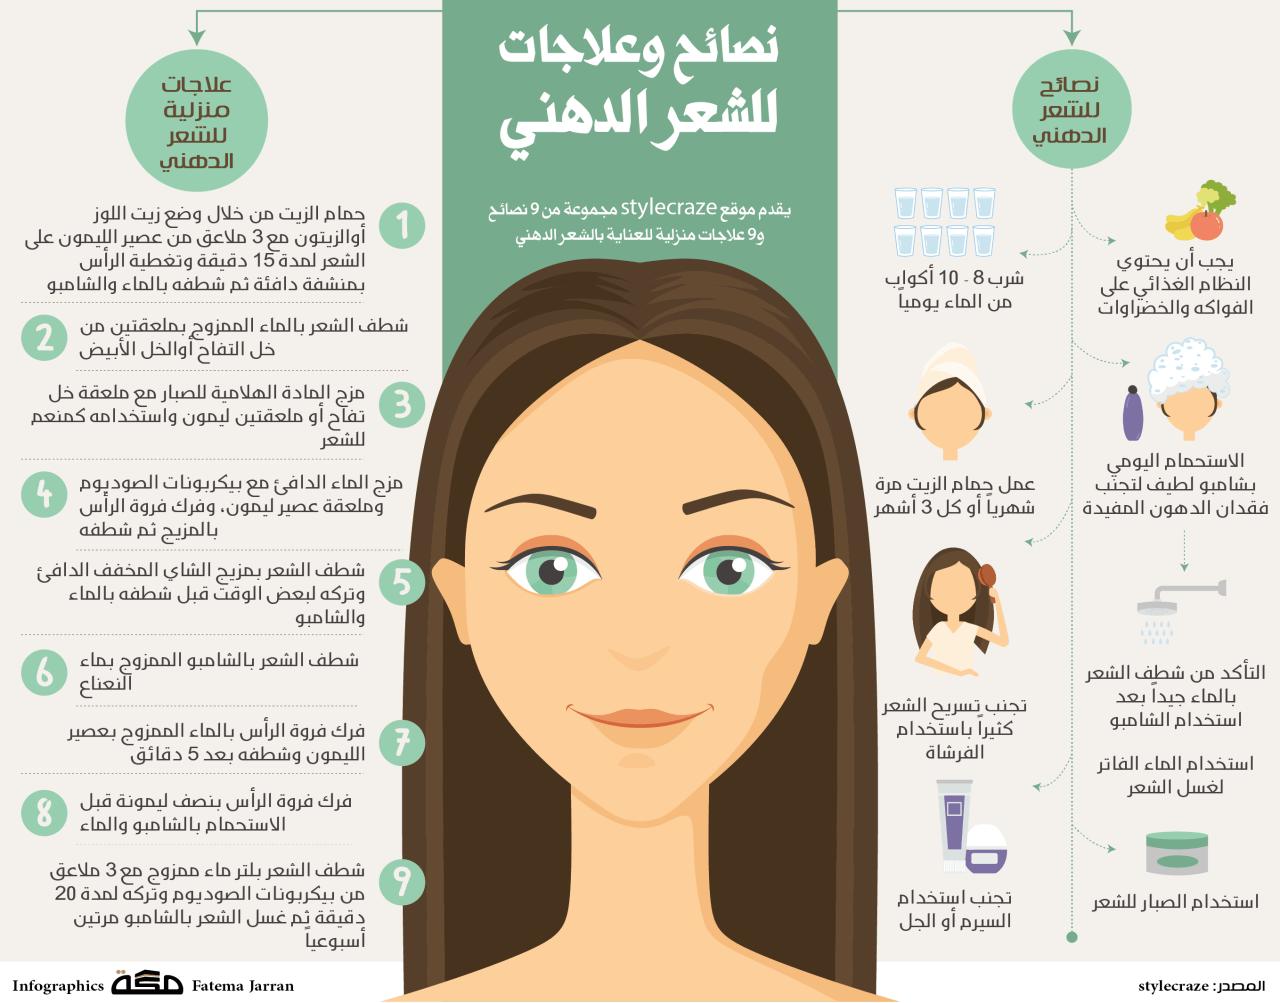 نصائح للشعر الدهني Hair Styles Skin Care Hairstyle